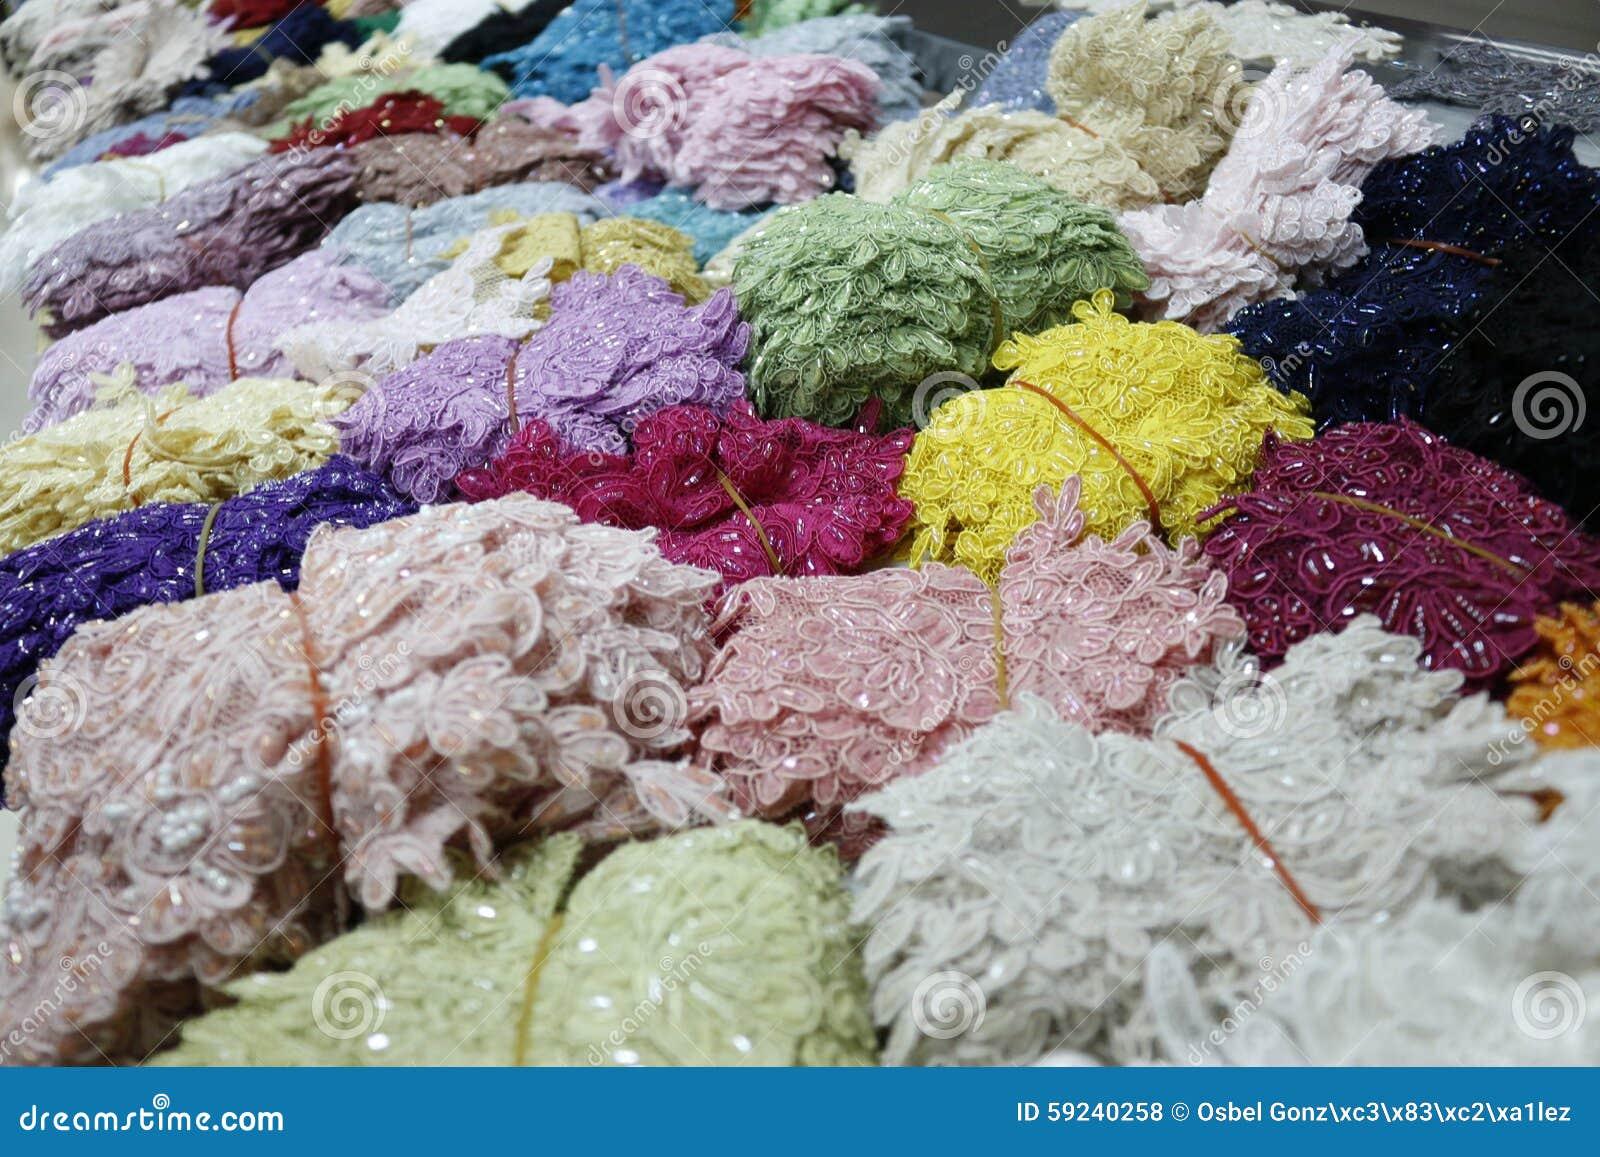 Download Mercado indio de la ropa foto de archivo. Imagen de pulseras - 59240258